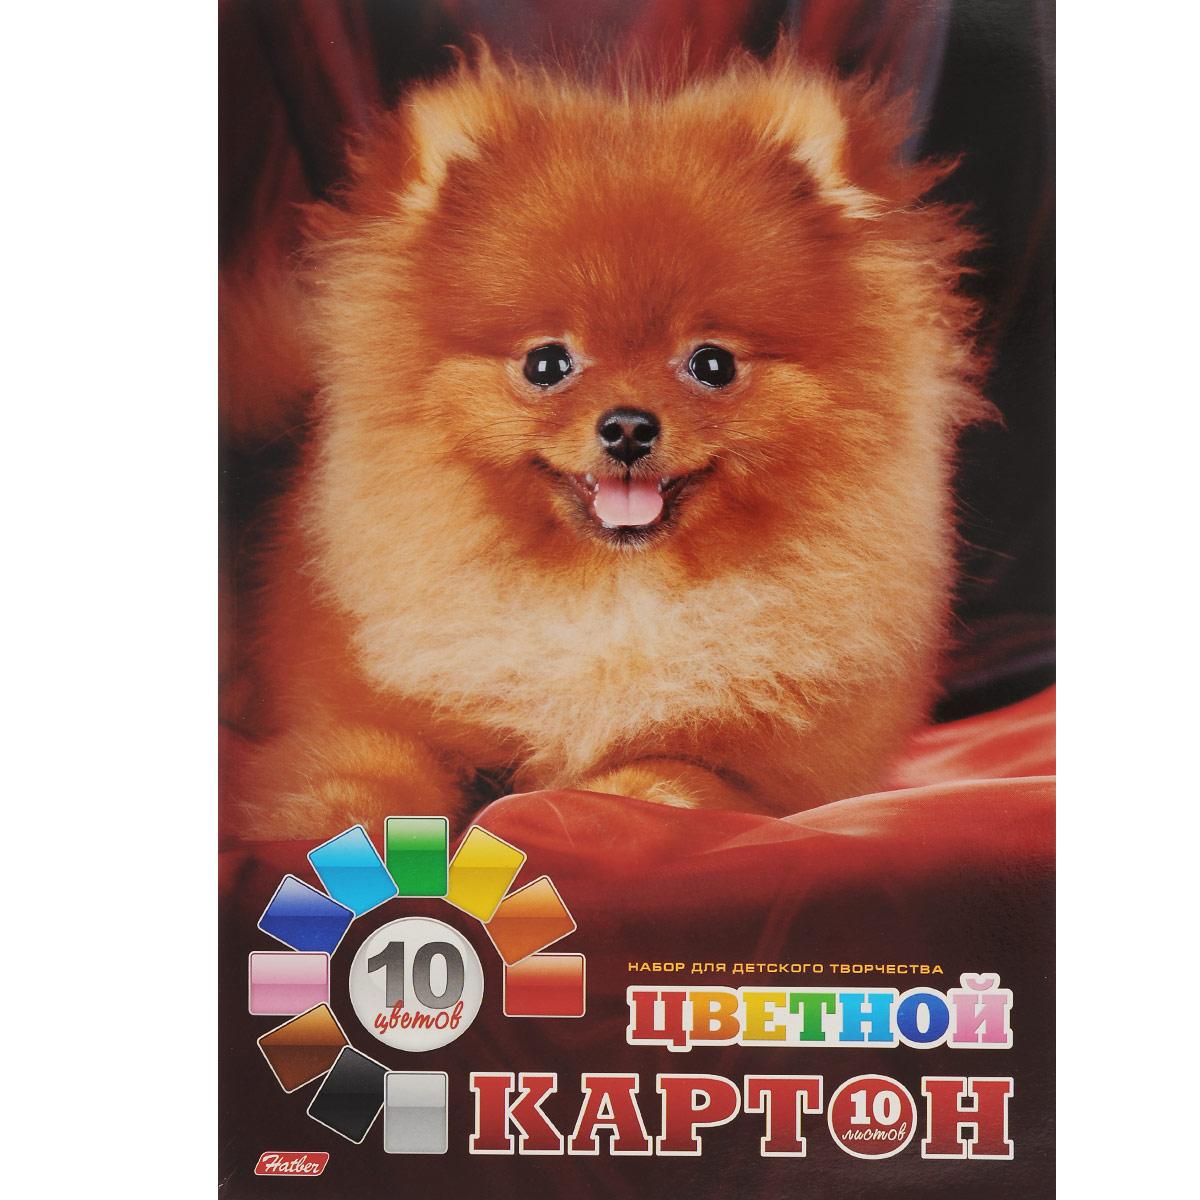 Картон цветной Hatber Пушистый щенок, 10 цв, формат А410Кц4_10665Картон цветной Hatber Пушистый щенок позволит создавать всевозможные аппликации и поделки. Набор включает 10 листов одностороннего цветного картона формата А4. Цвета: золотистый, синий, серебристый, красный, зеленый, желтый, голубой, оранжевый, коричневый, черный. Создание поделок из цветного картона позволяет ребенку развивать творческие способности, кроме того, это увлекательный досуг.